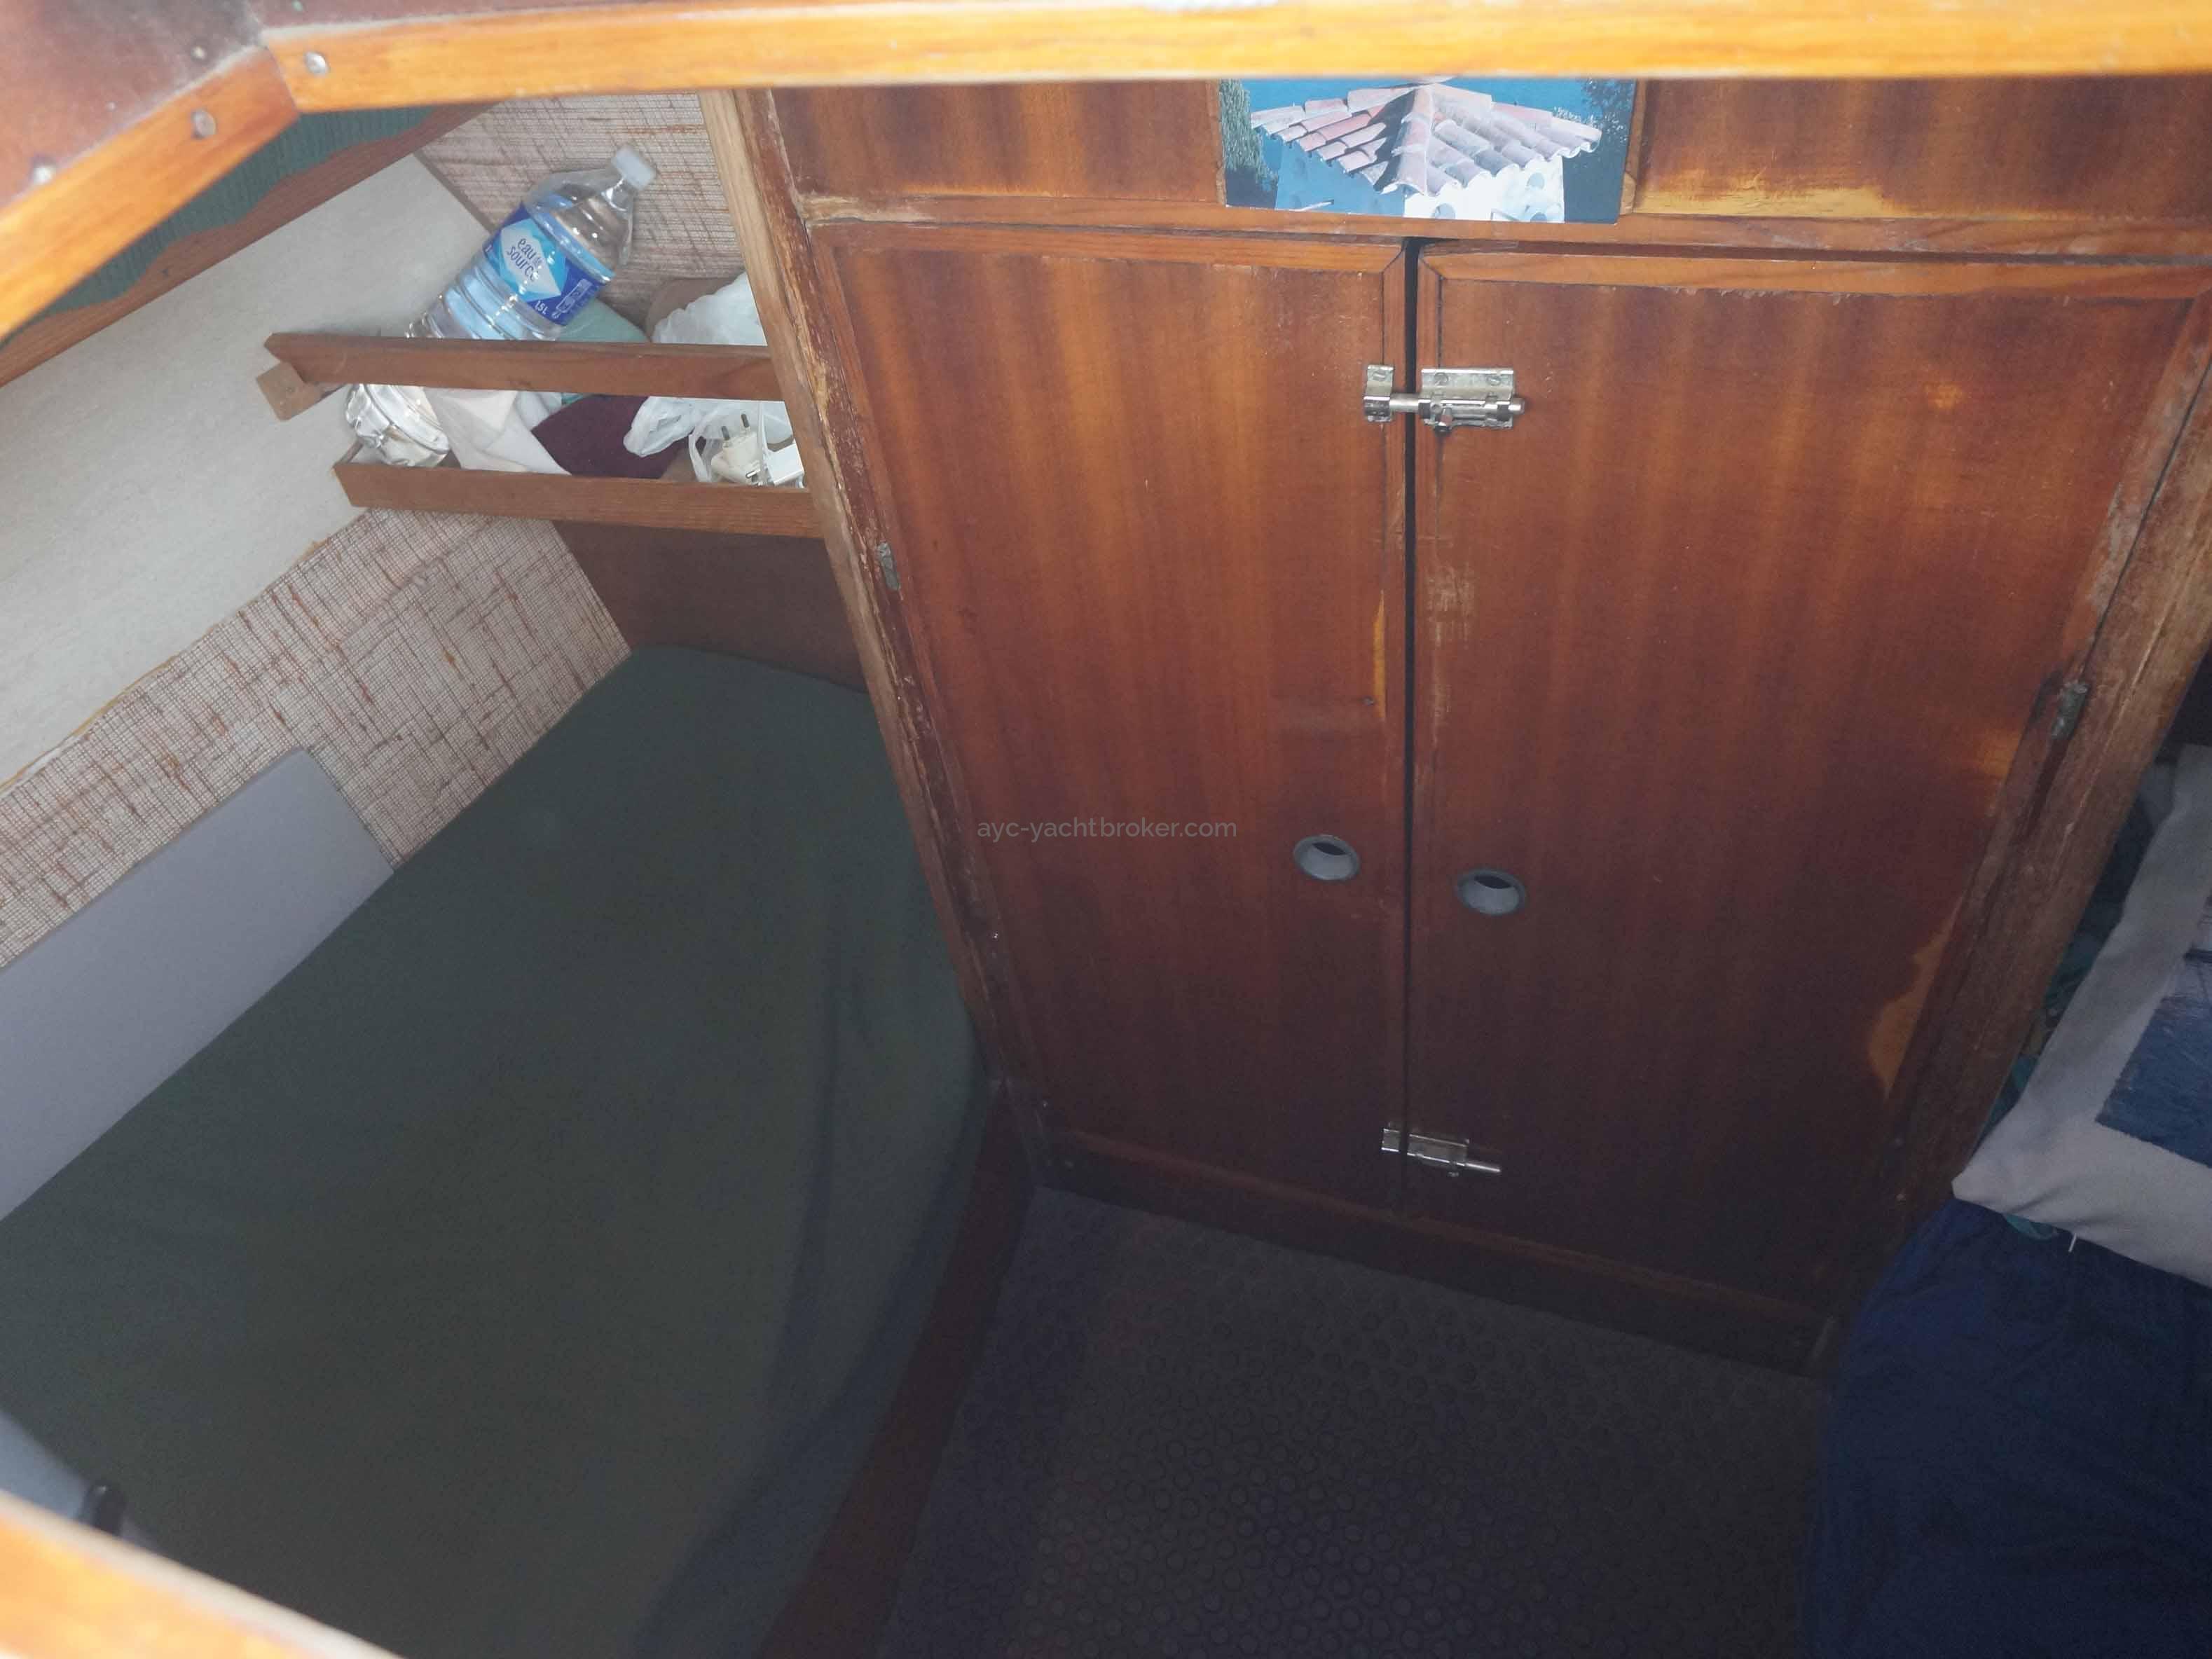 AYC YachtBroker - Cabine